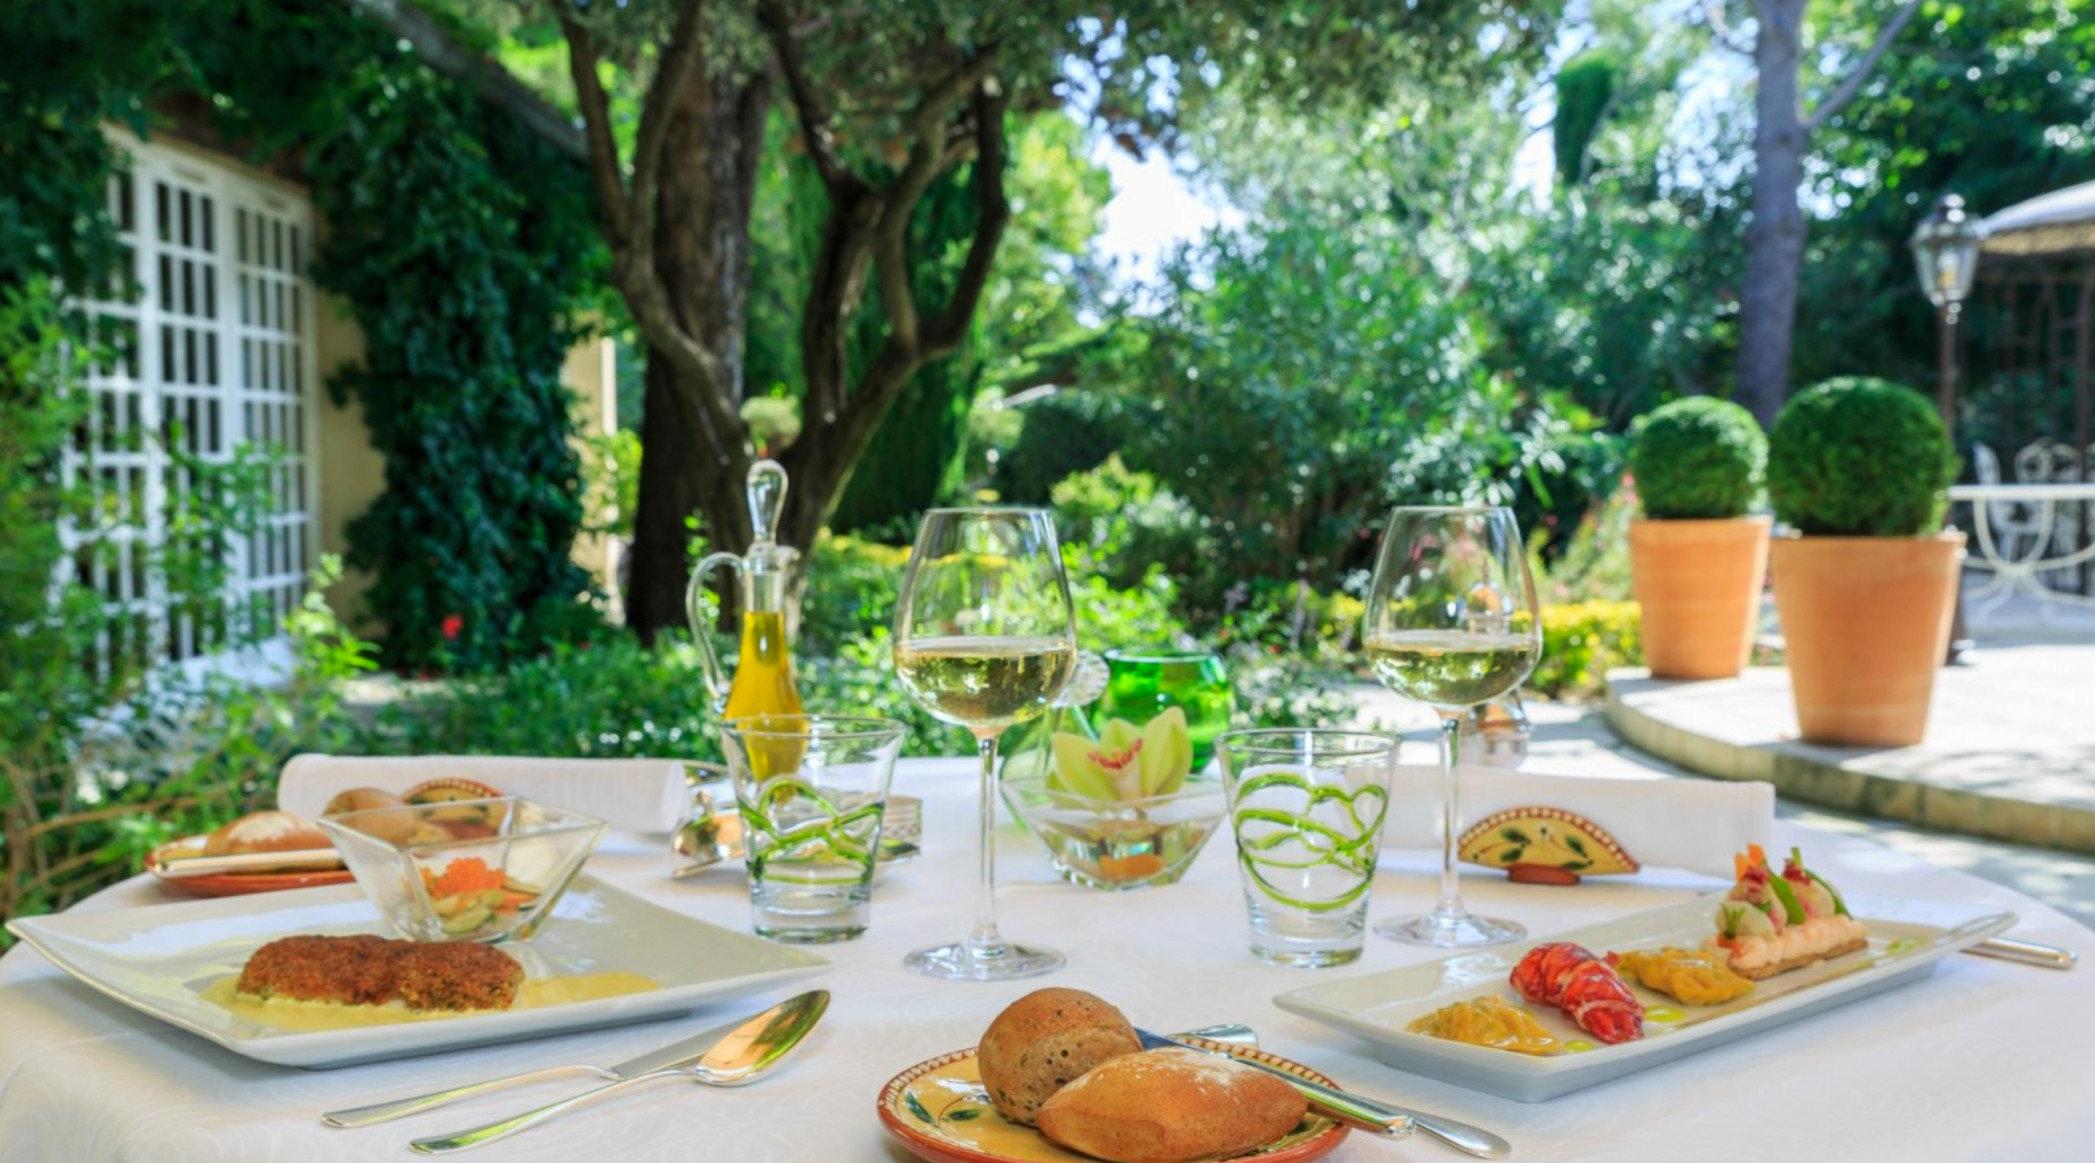 tree plate food restaurant Resort brunch buffet breakfast dinner dining table